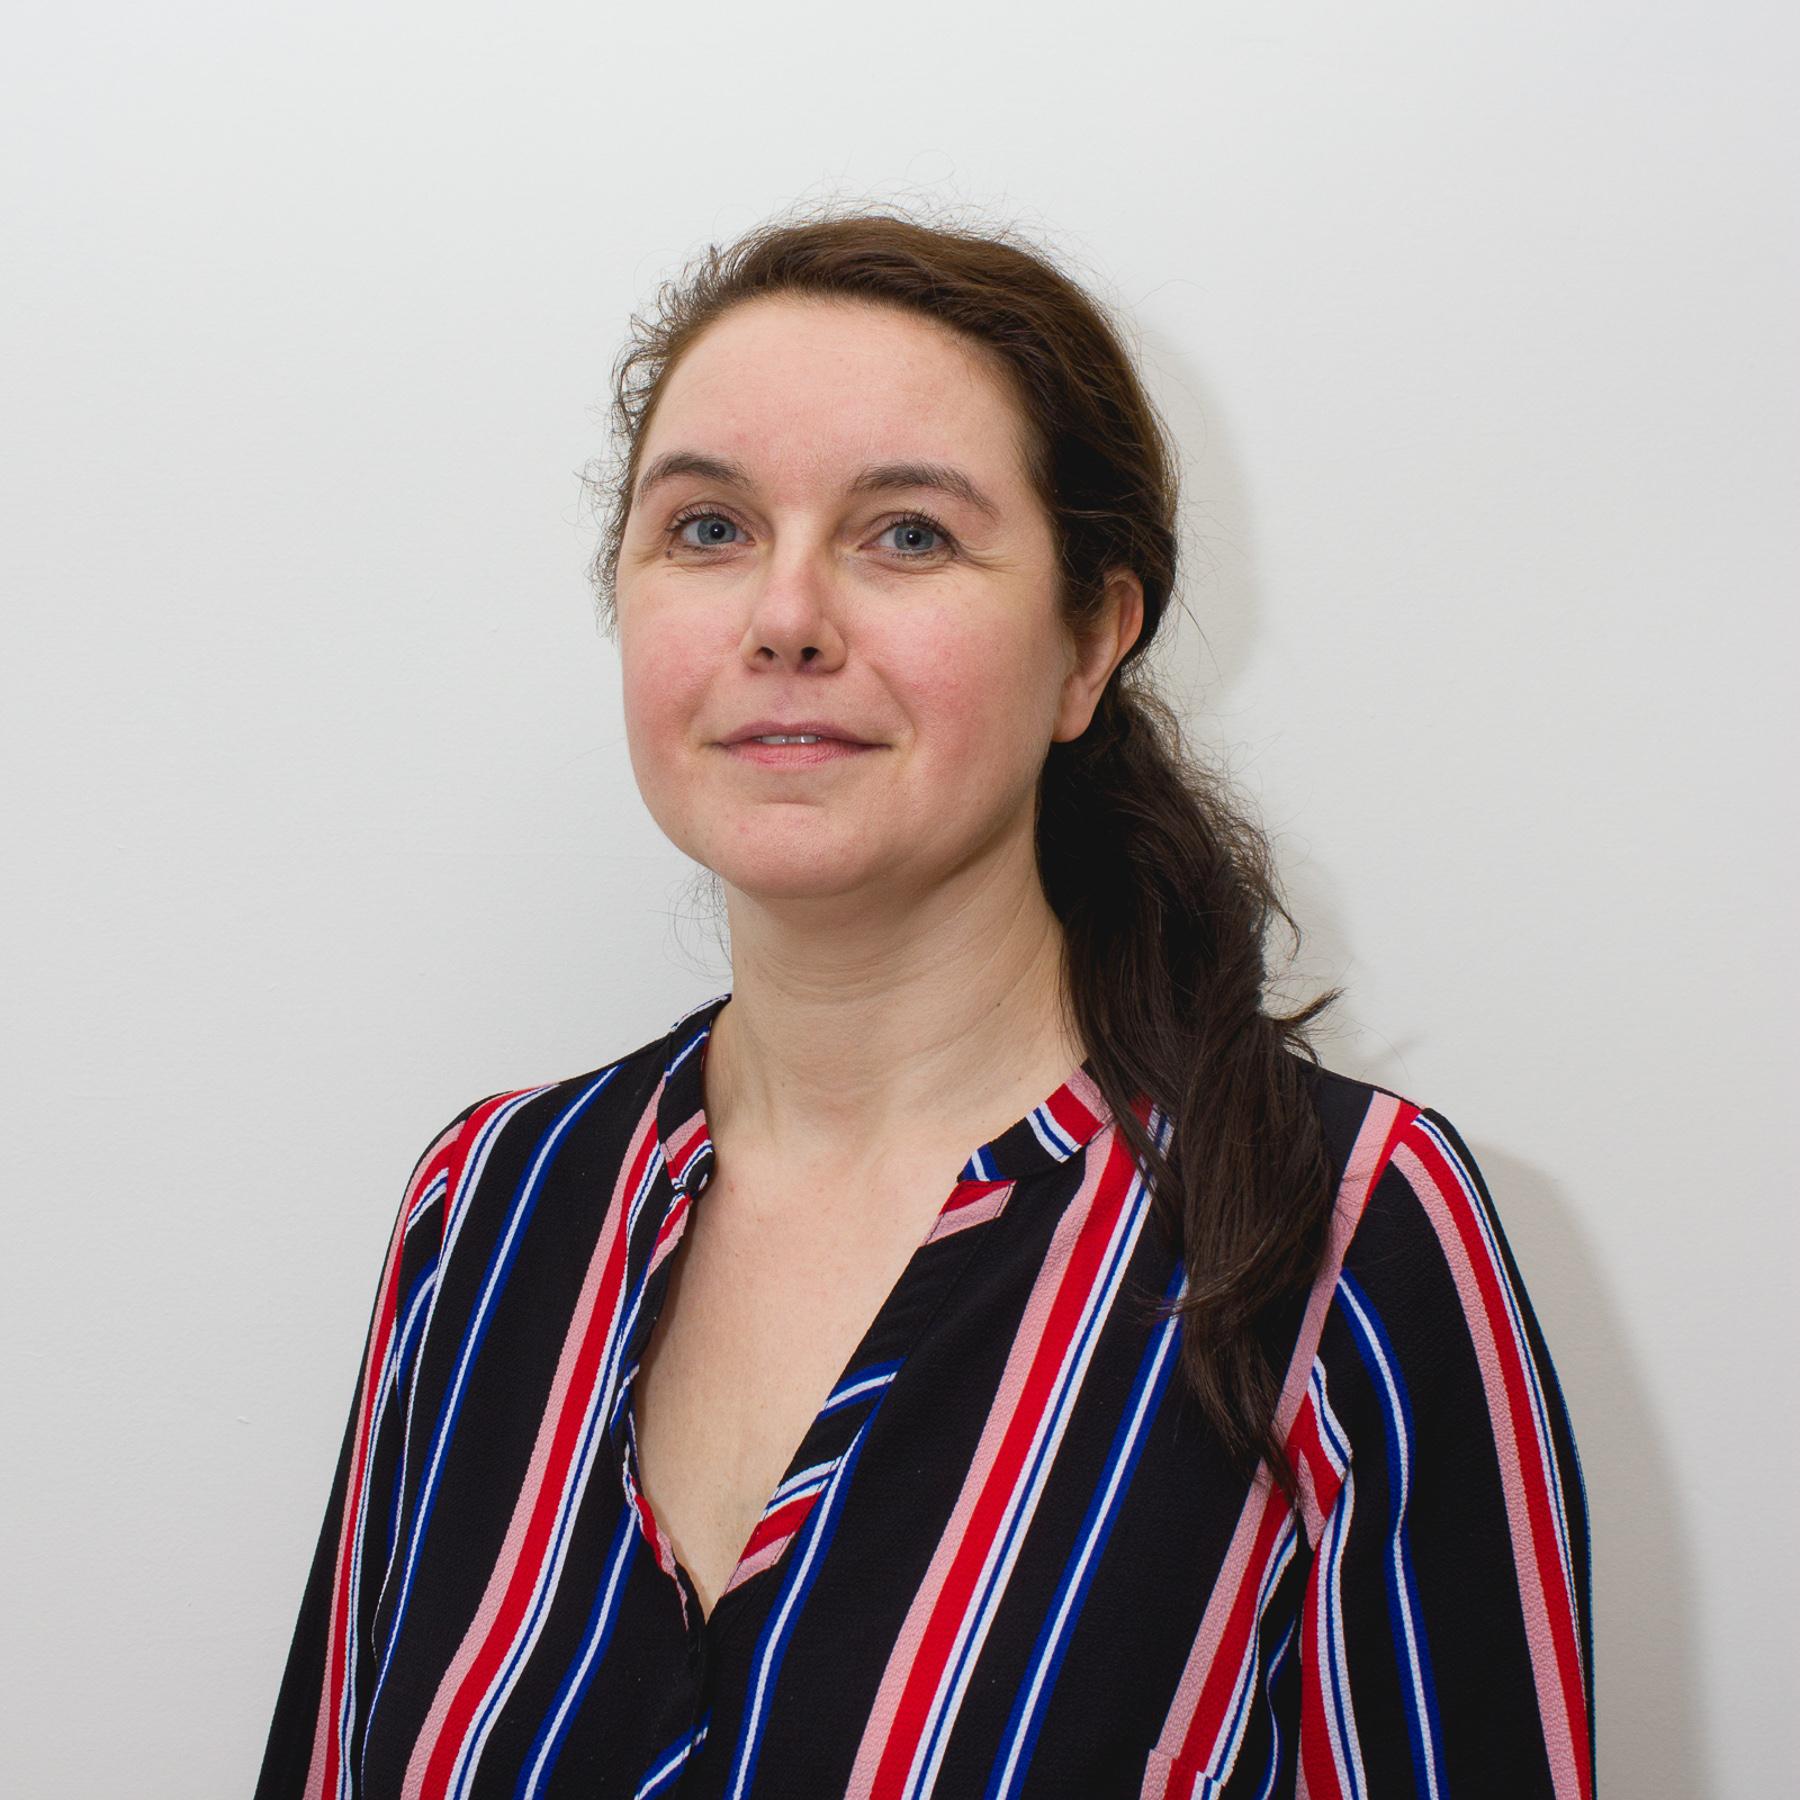 Emma Moran - Director of Operations